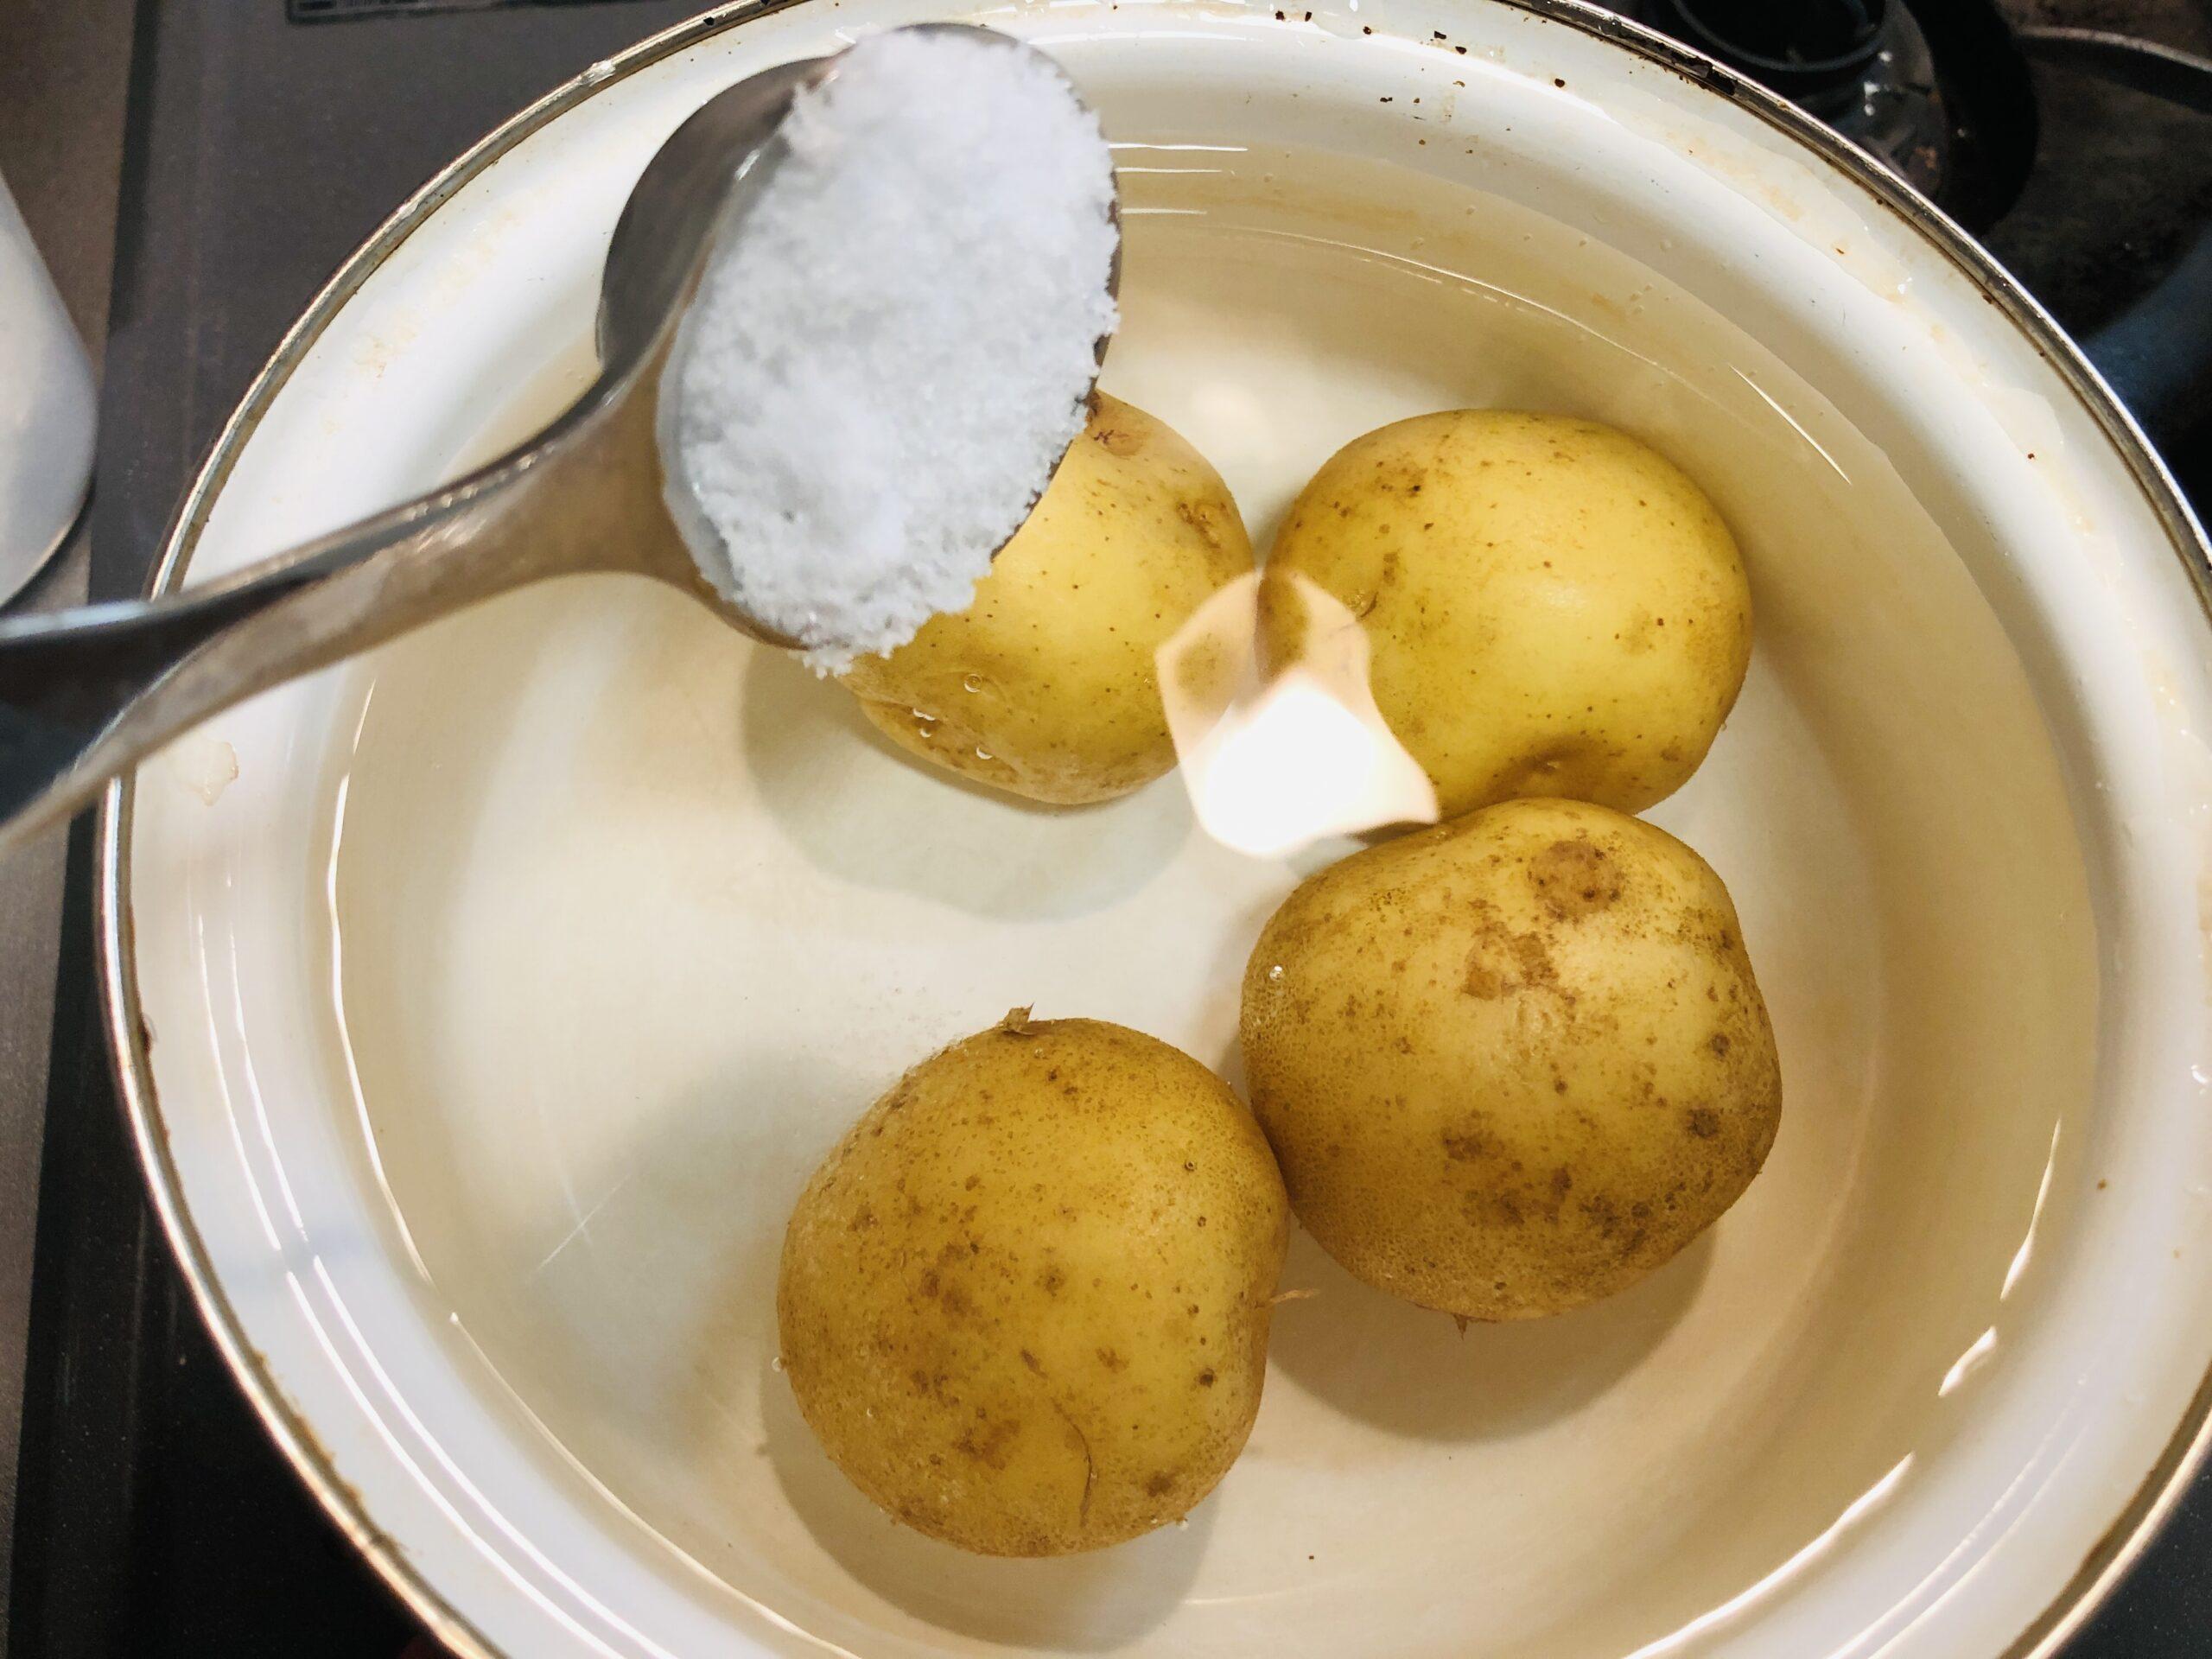 鍋にジャガイモと水をひたひたに入れ、塩を入れる様子の画像です。